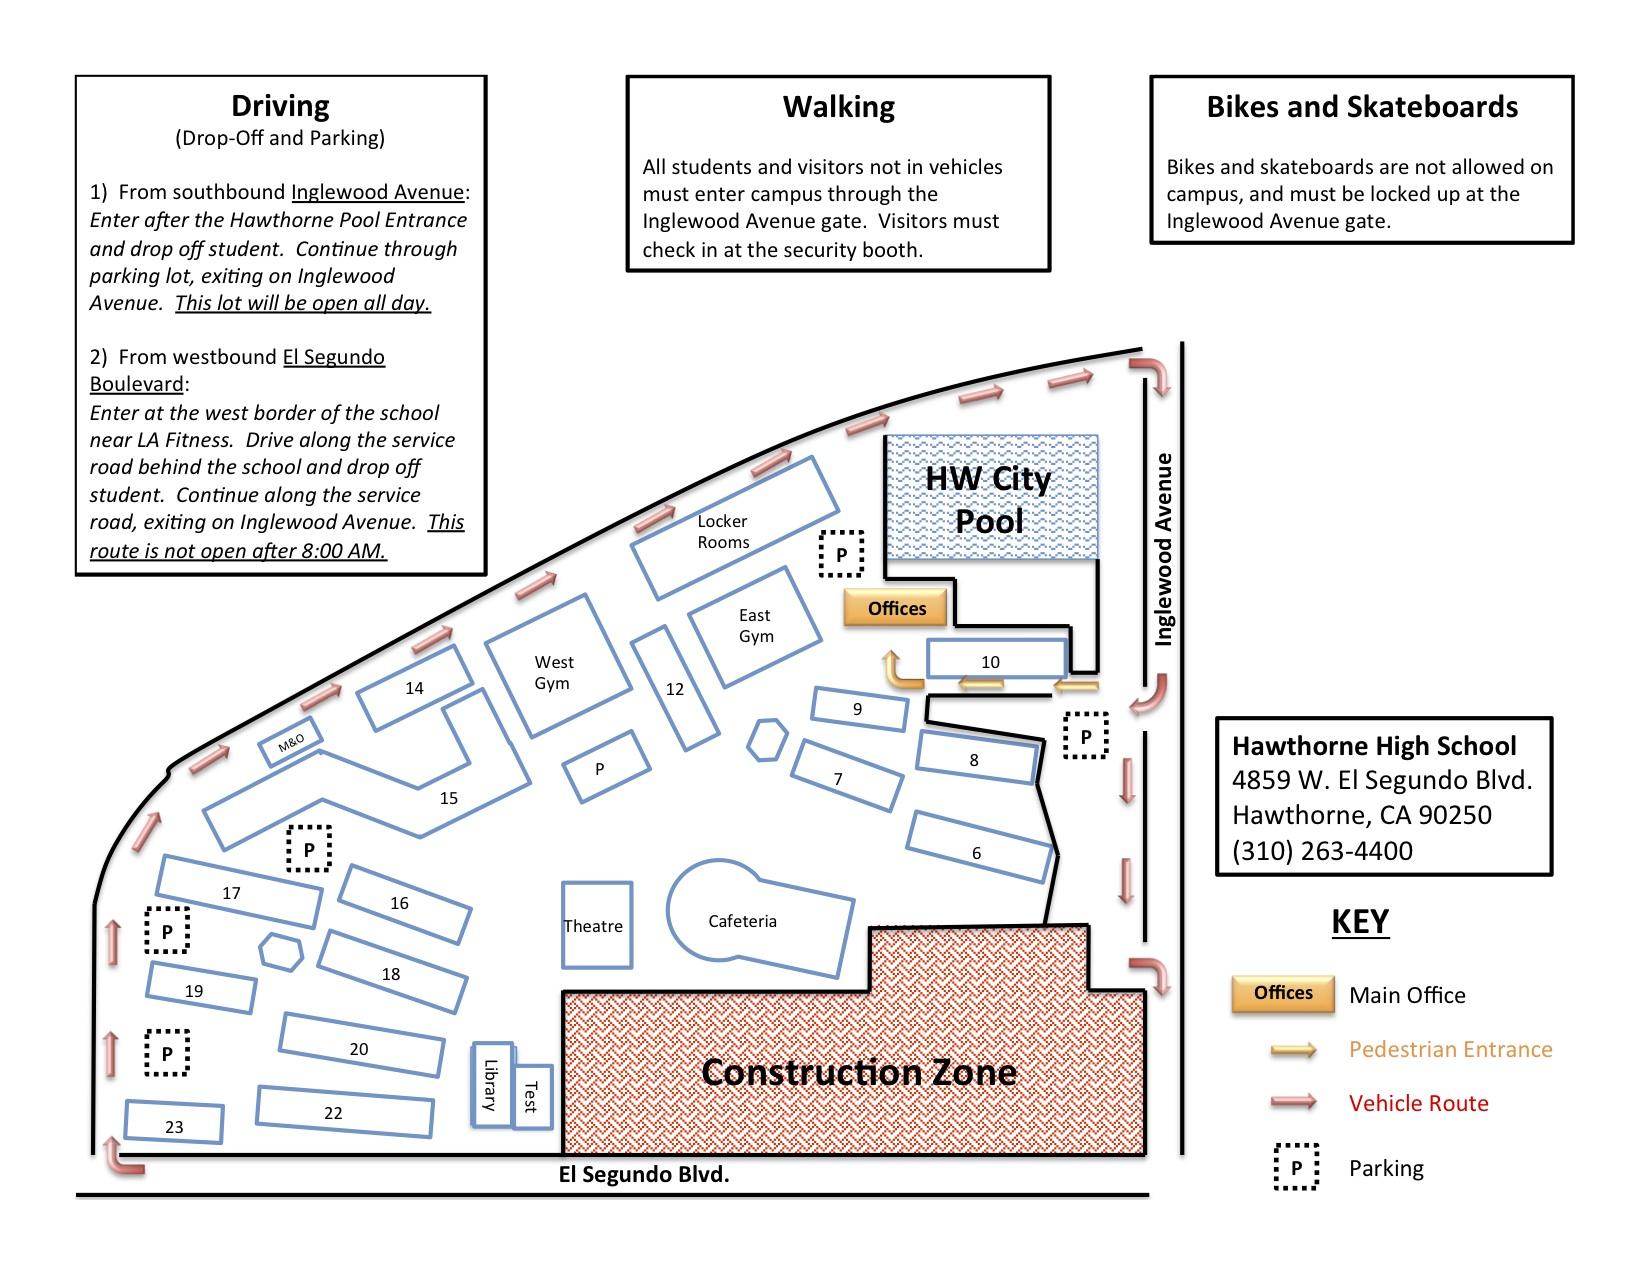 Rti Campus Map.Hawthorne High School